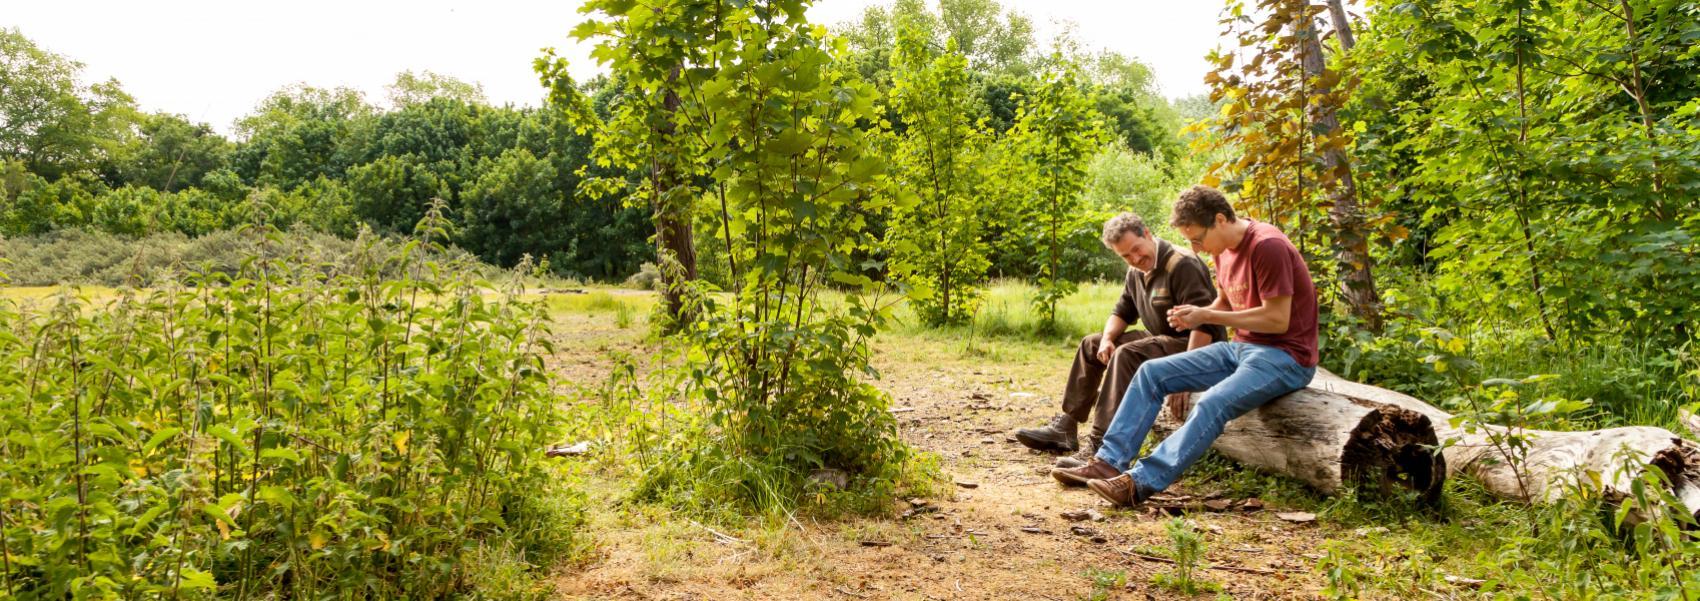 2 personen op een boomstronk